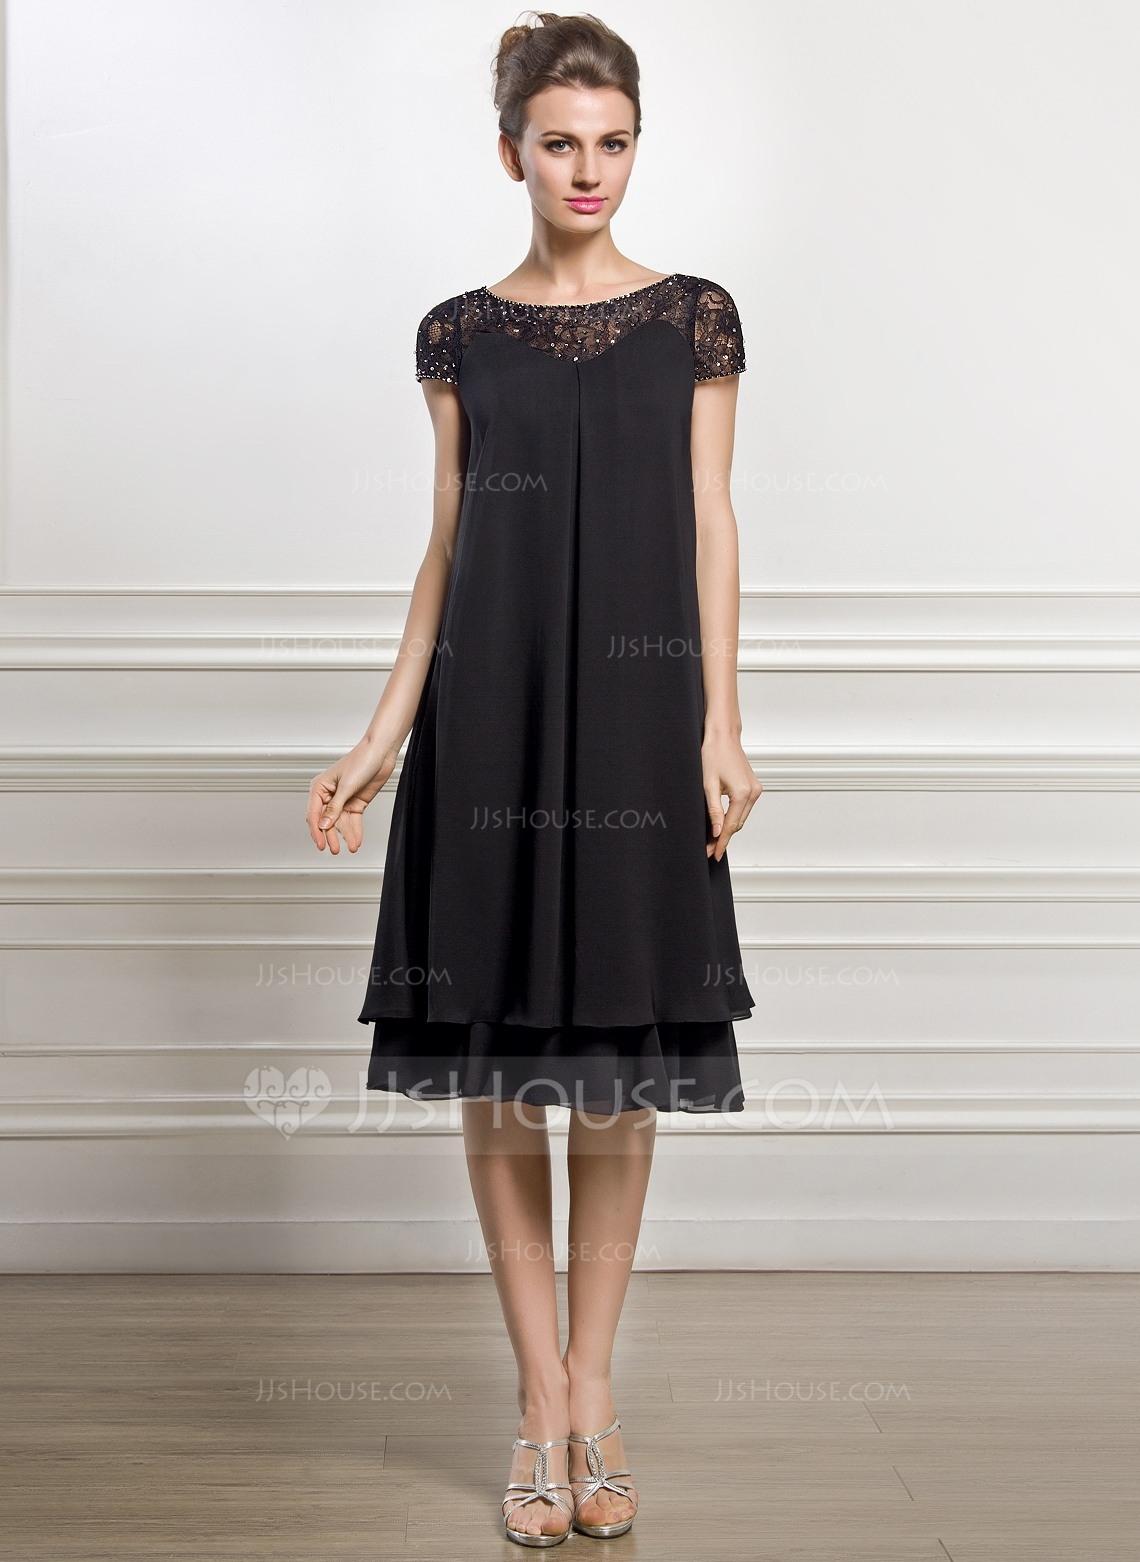 20 Luxus Kleid Brautmutter für 2019Formal Perfekt Kleid Brautmutter Spezialgebiet